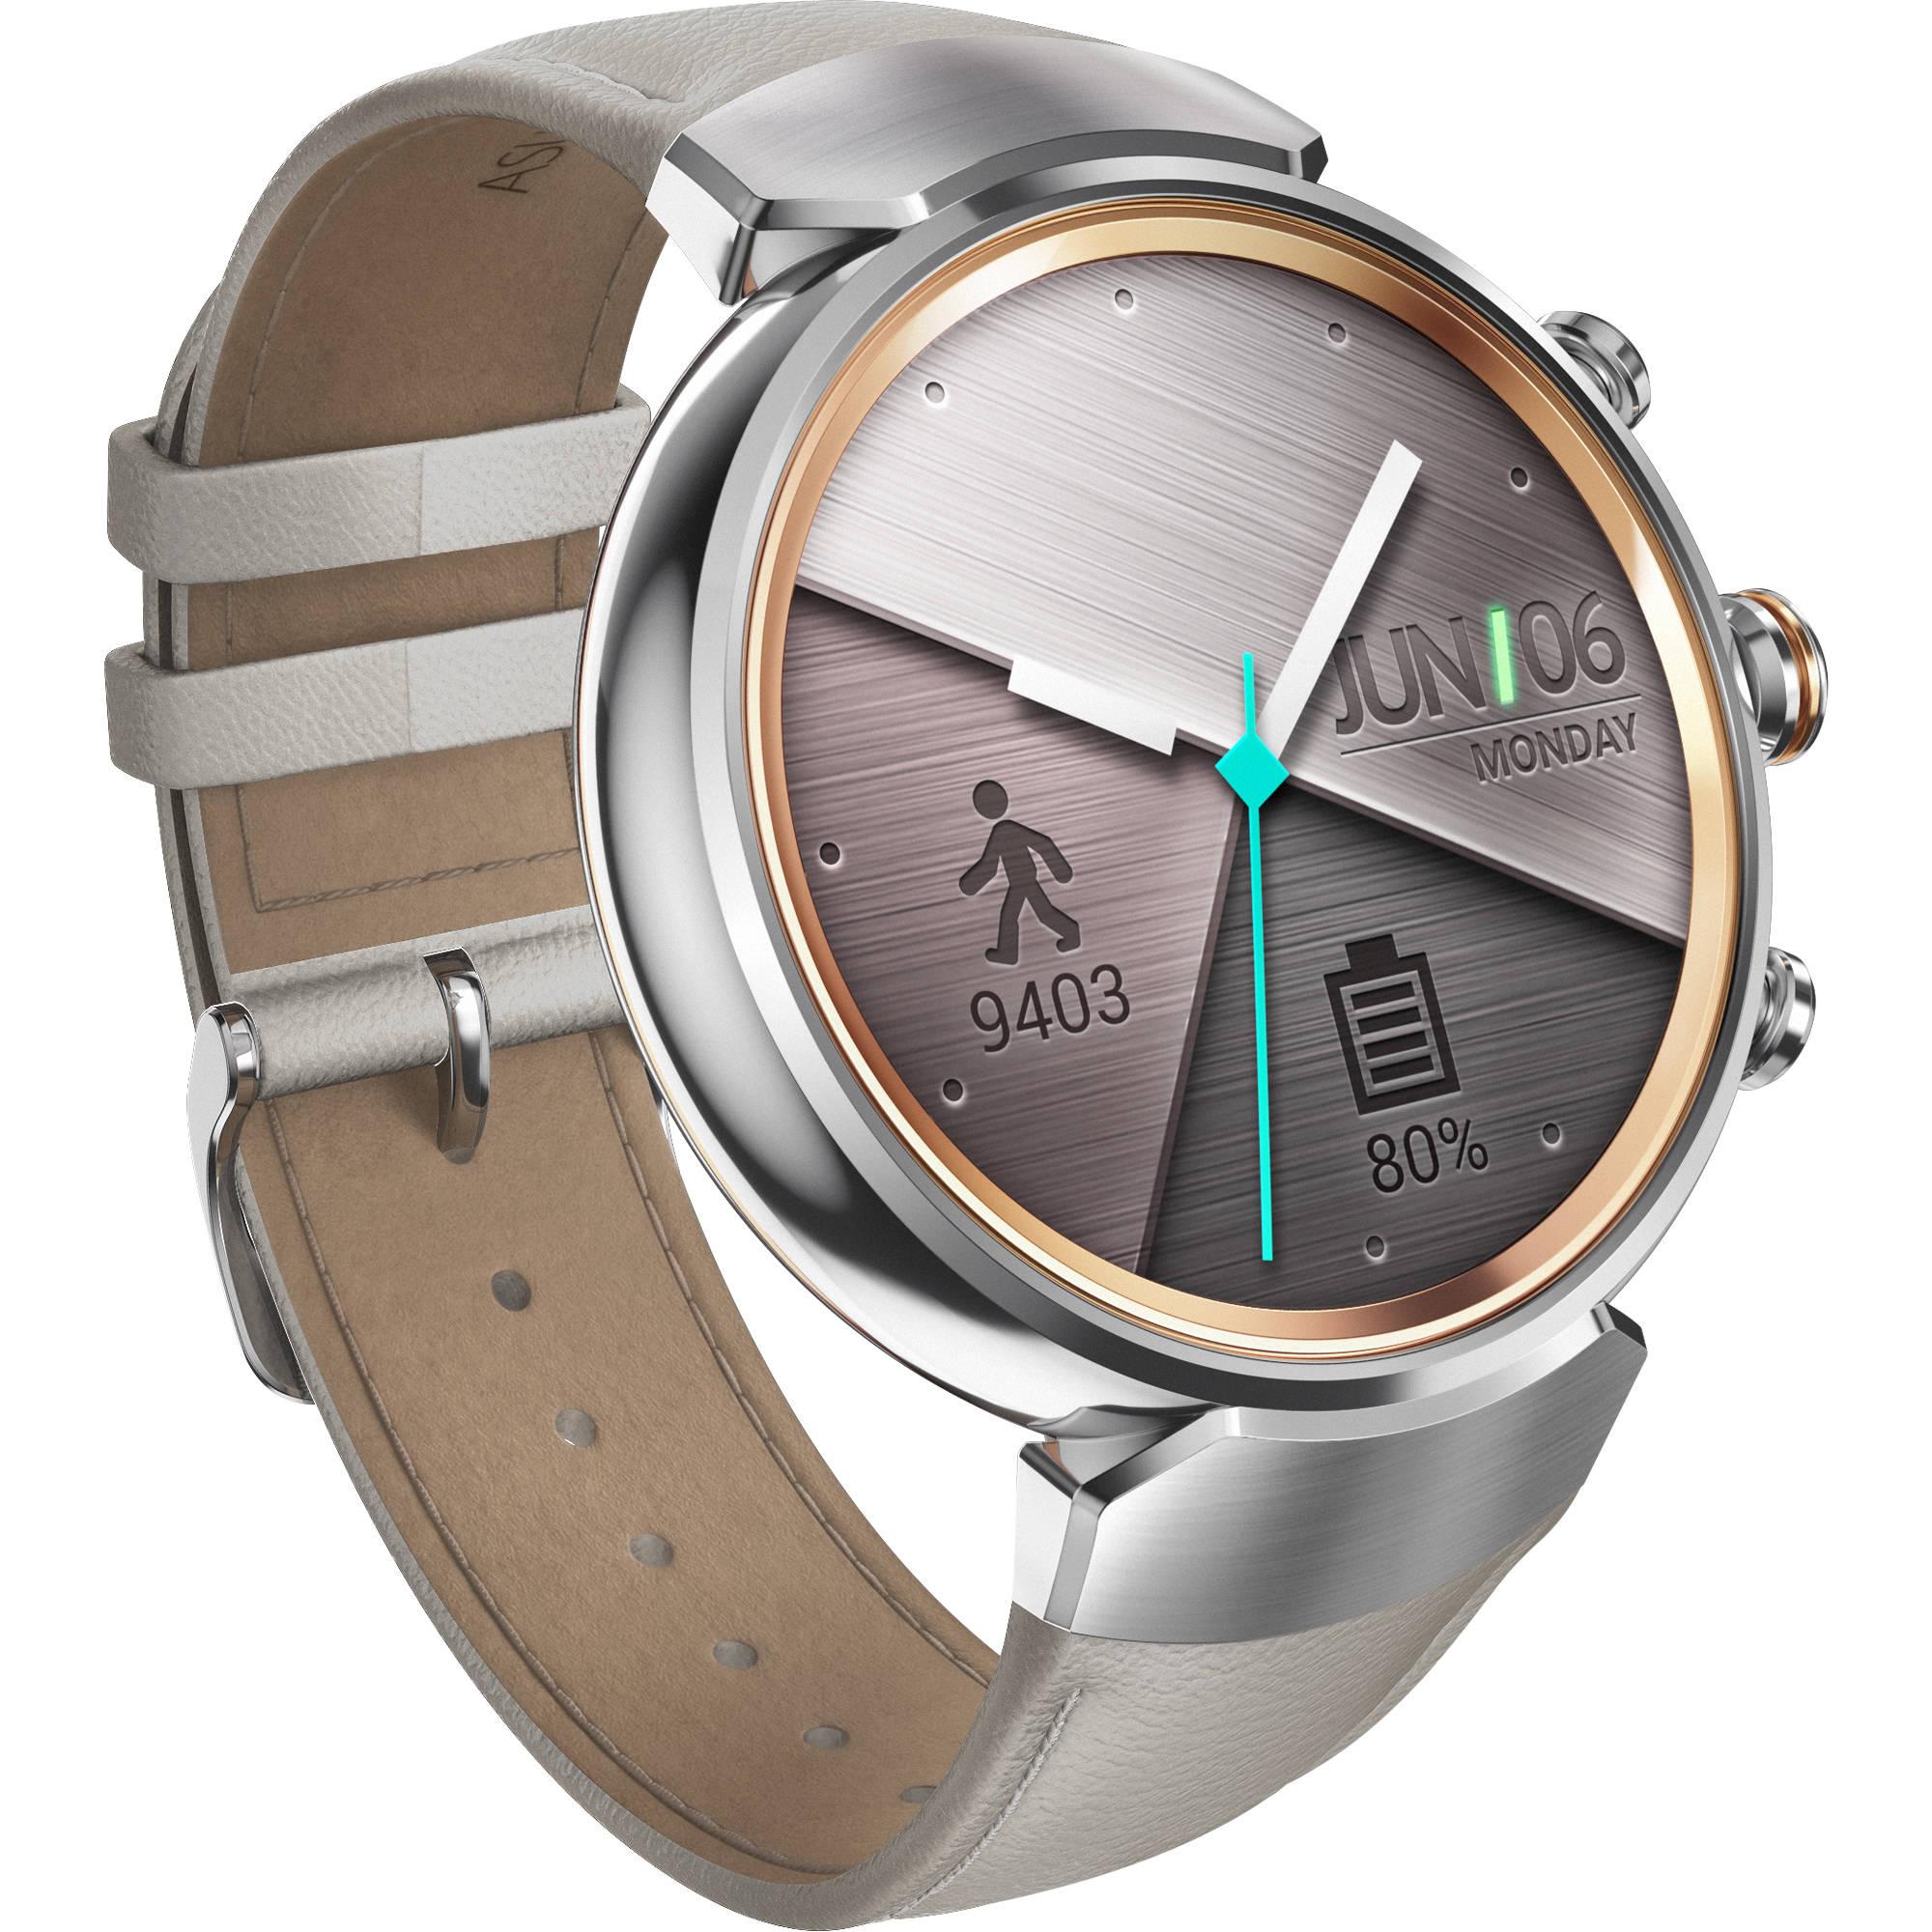 Asus Zenwatch 3 WI503Q prix tunisie